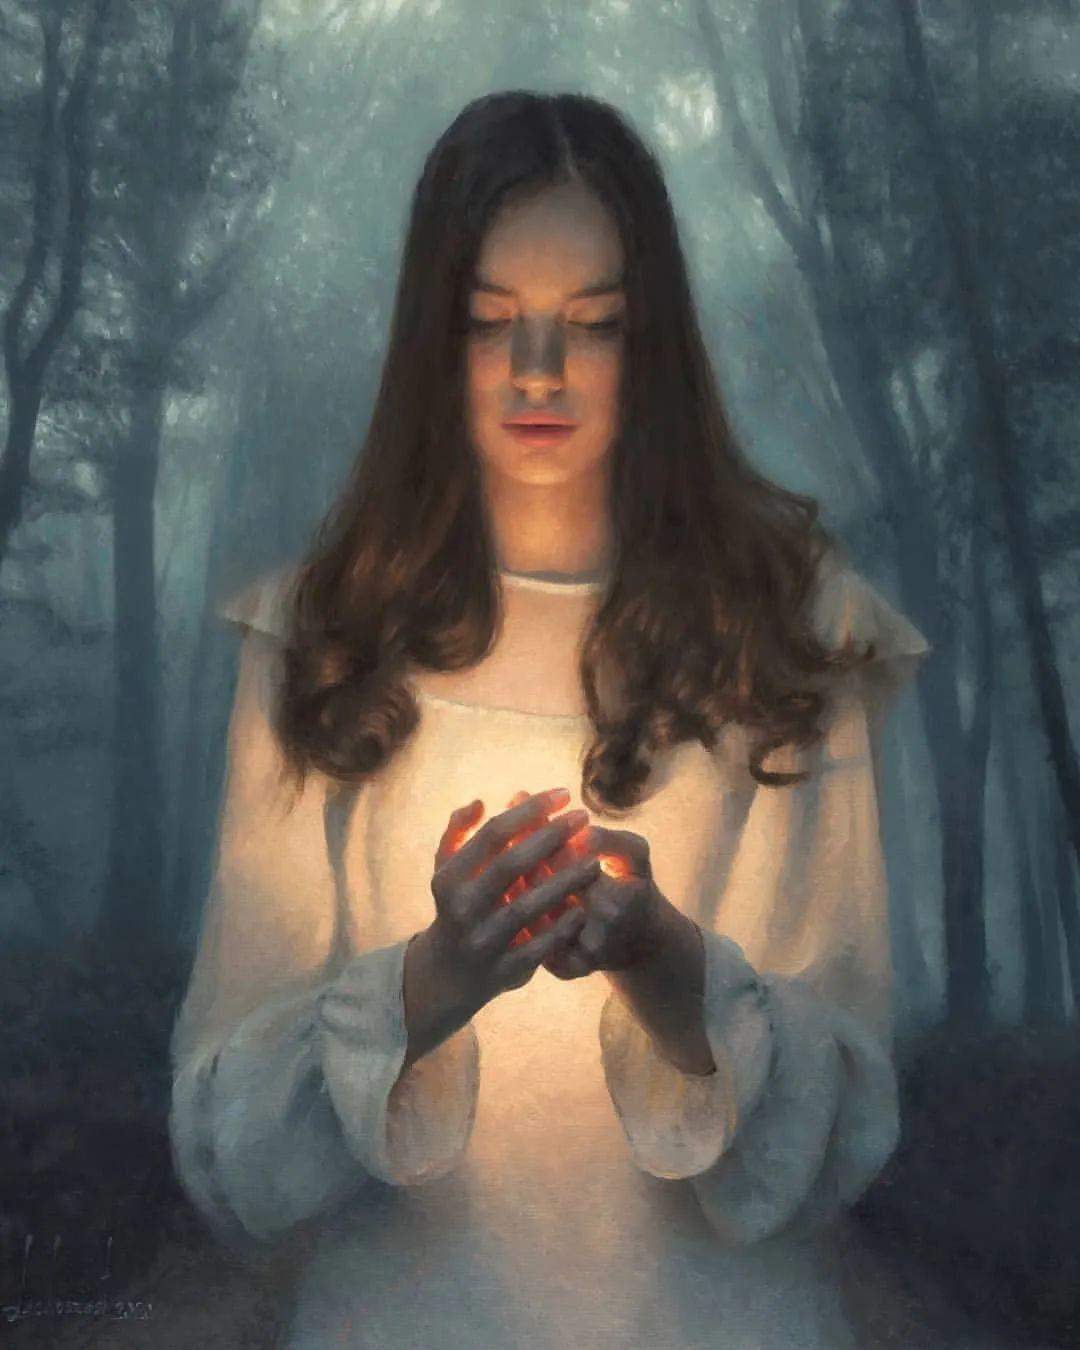 眼前一亮,模特与画像同框!波兰画家达米安·莱科斯特插图5